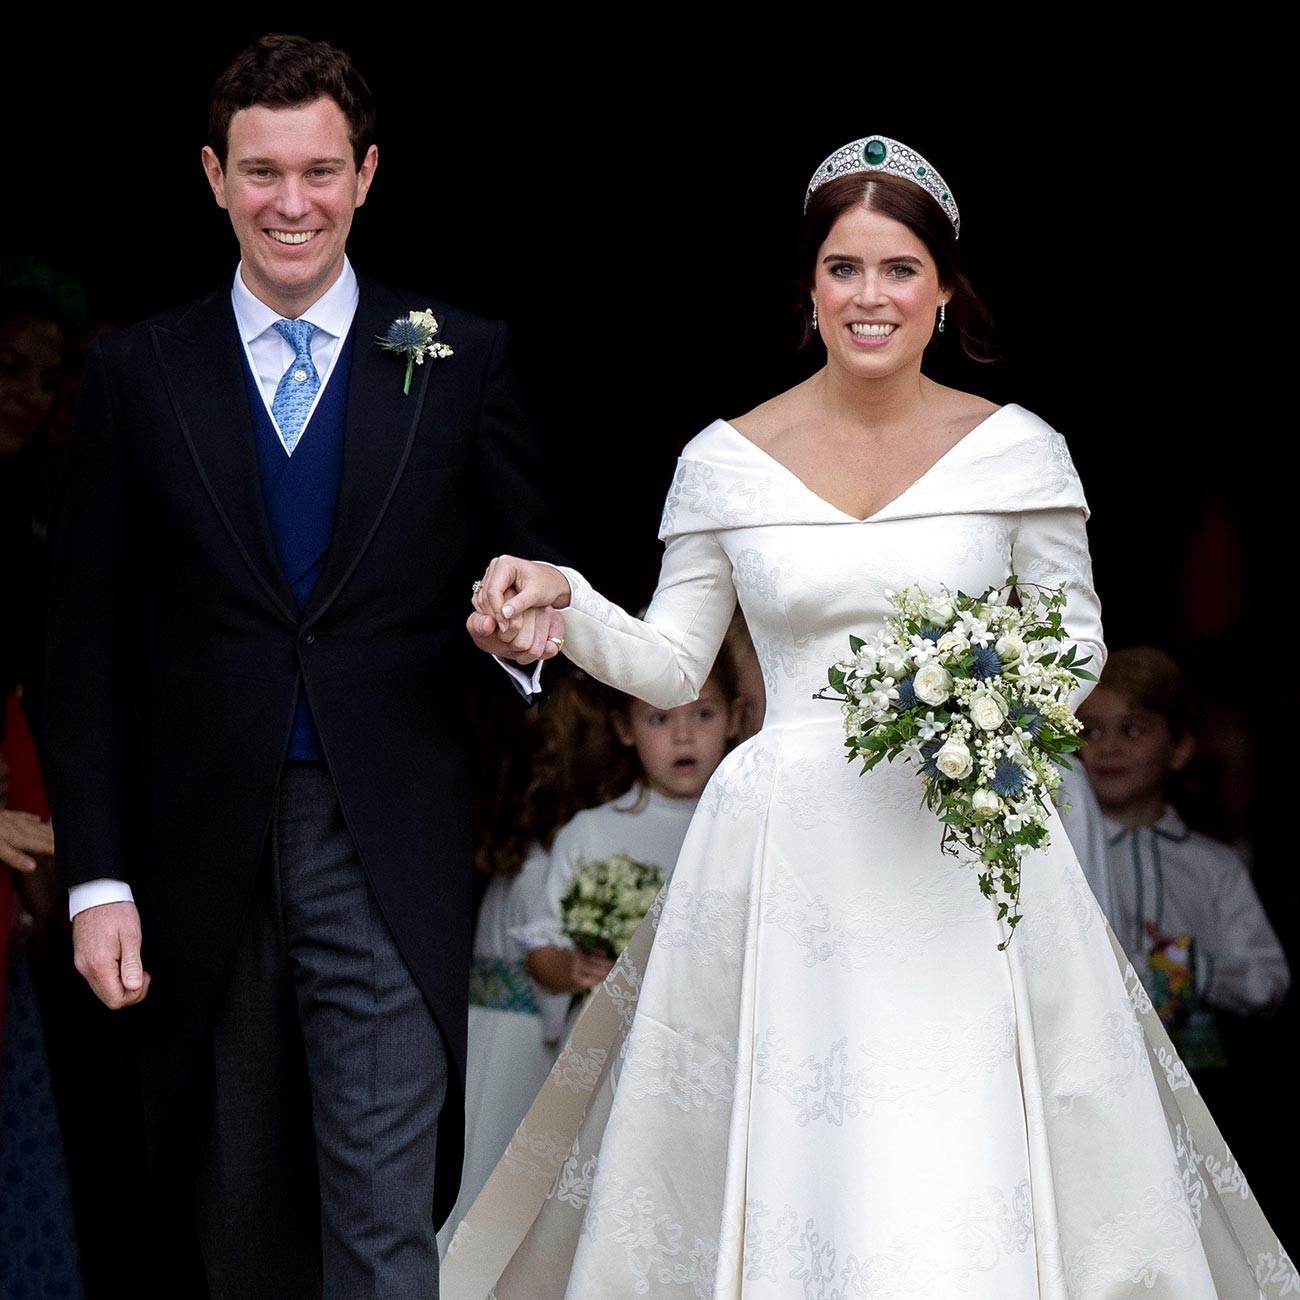 英国のユージェニー・オブ・ヨーク王女の結婚式にて